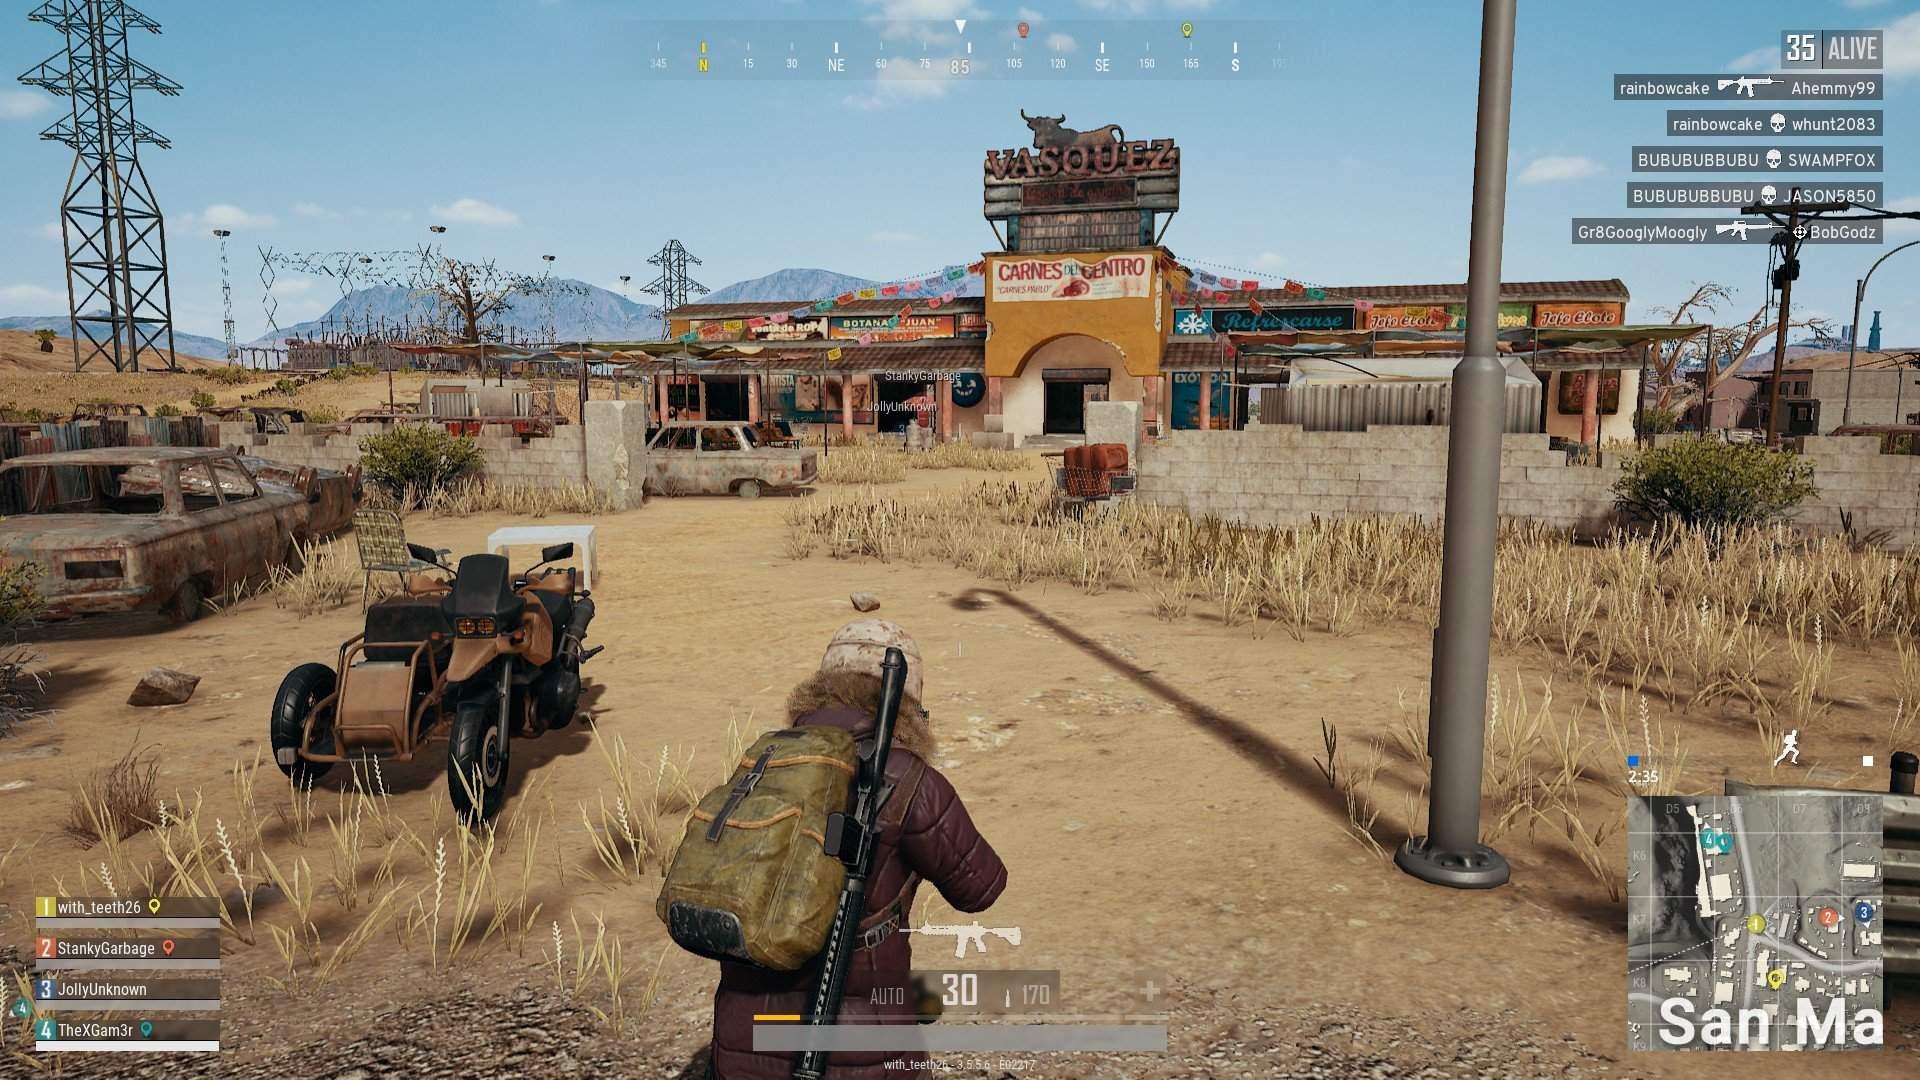 Собираем оптимальный компьютер под игру PlayerUnknown's Battlegrounds (PUBG)